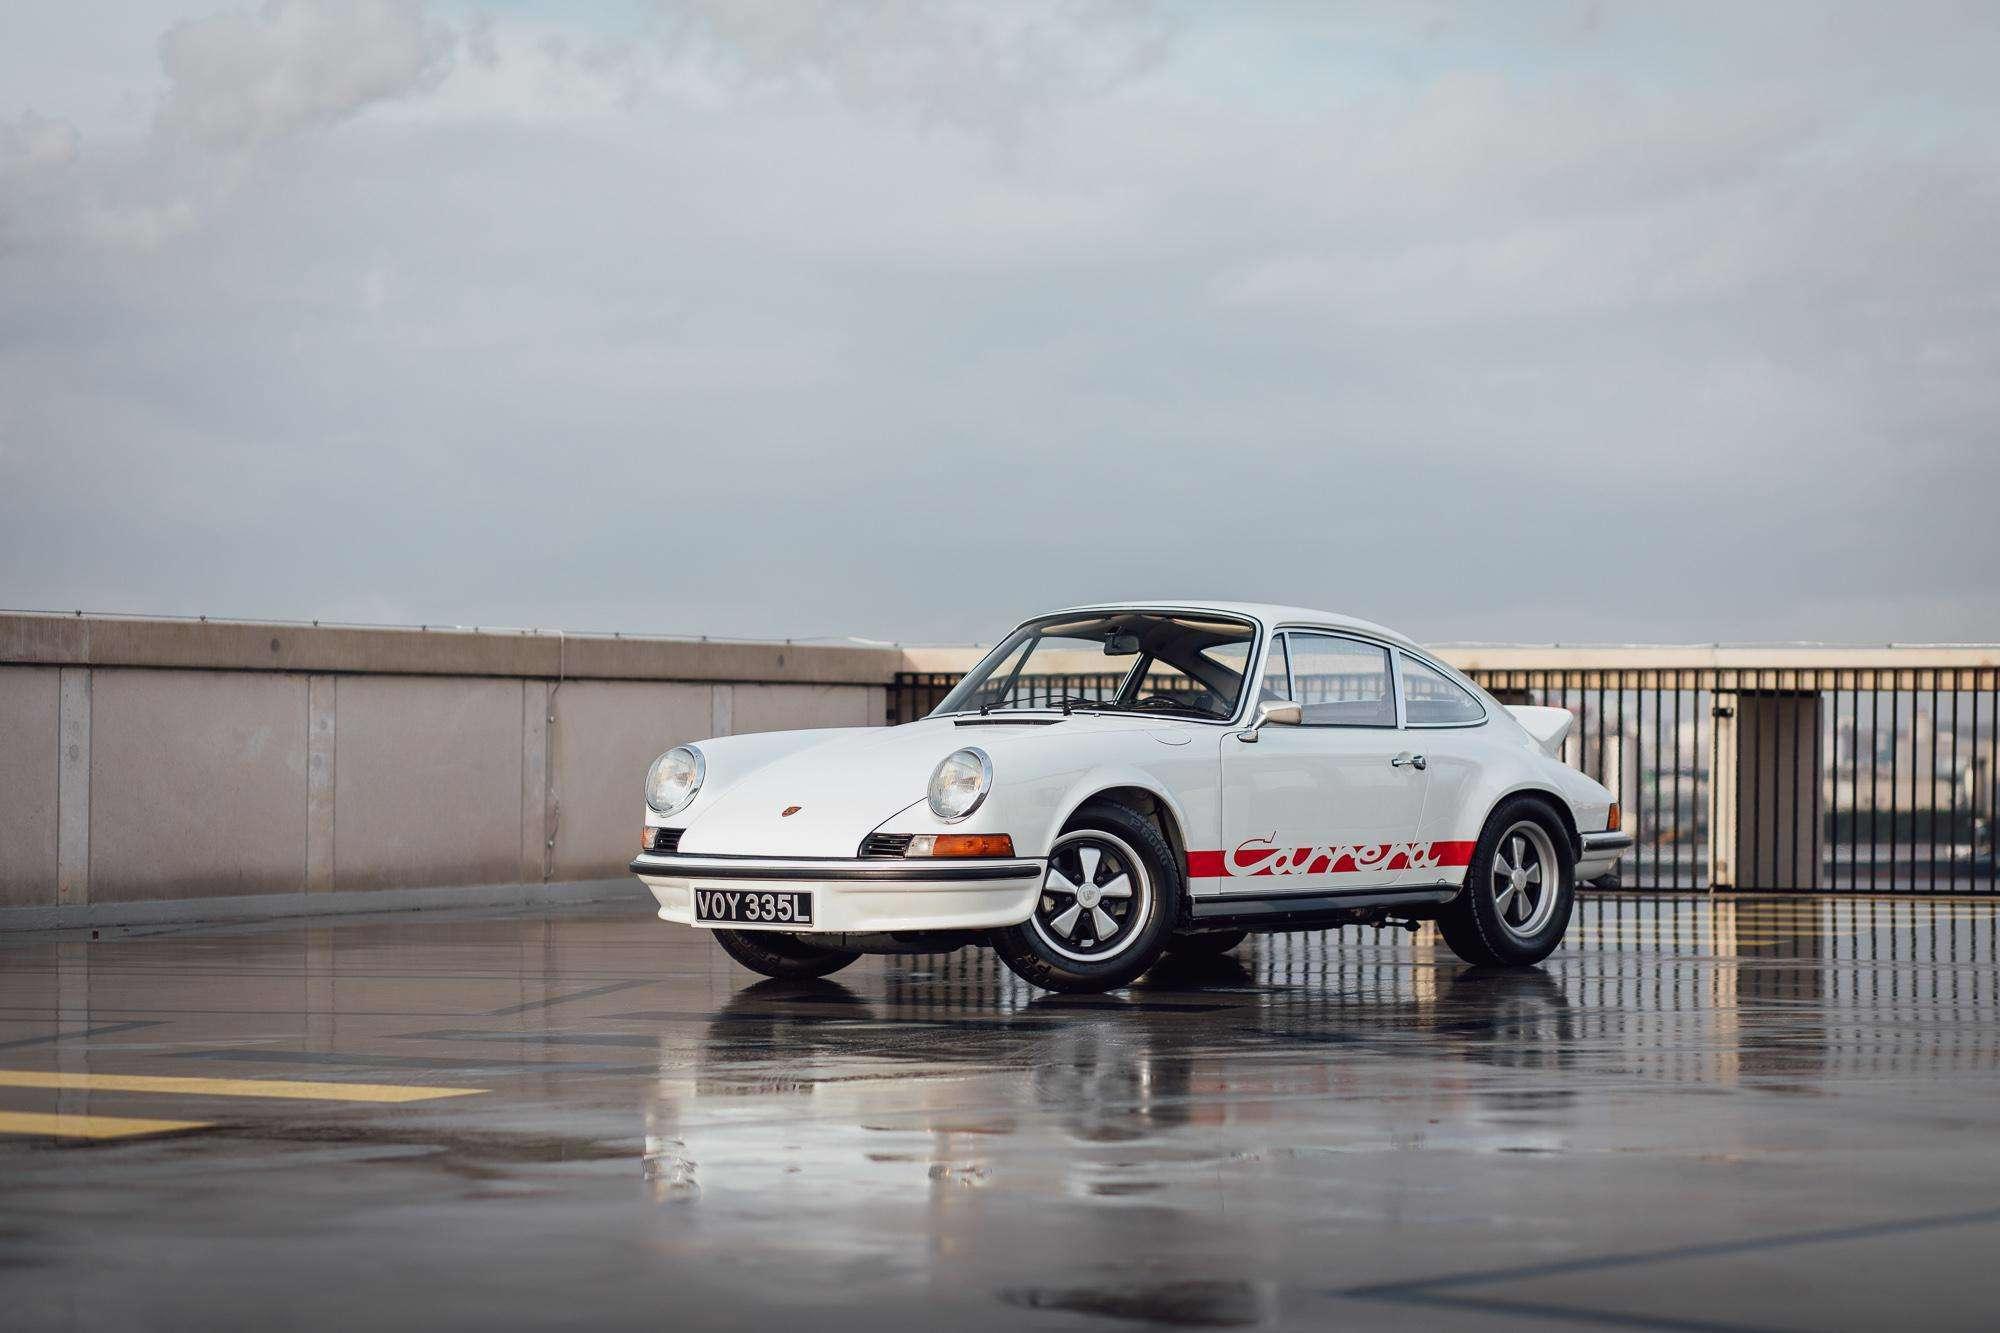 Porsche 911 F-Modell kaufen bei International Collectables Ltd.